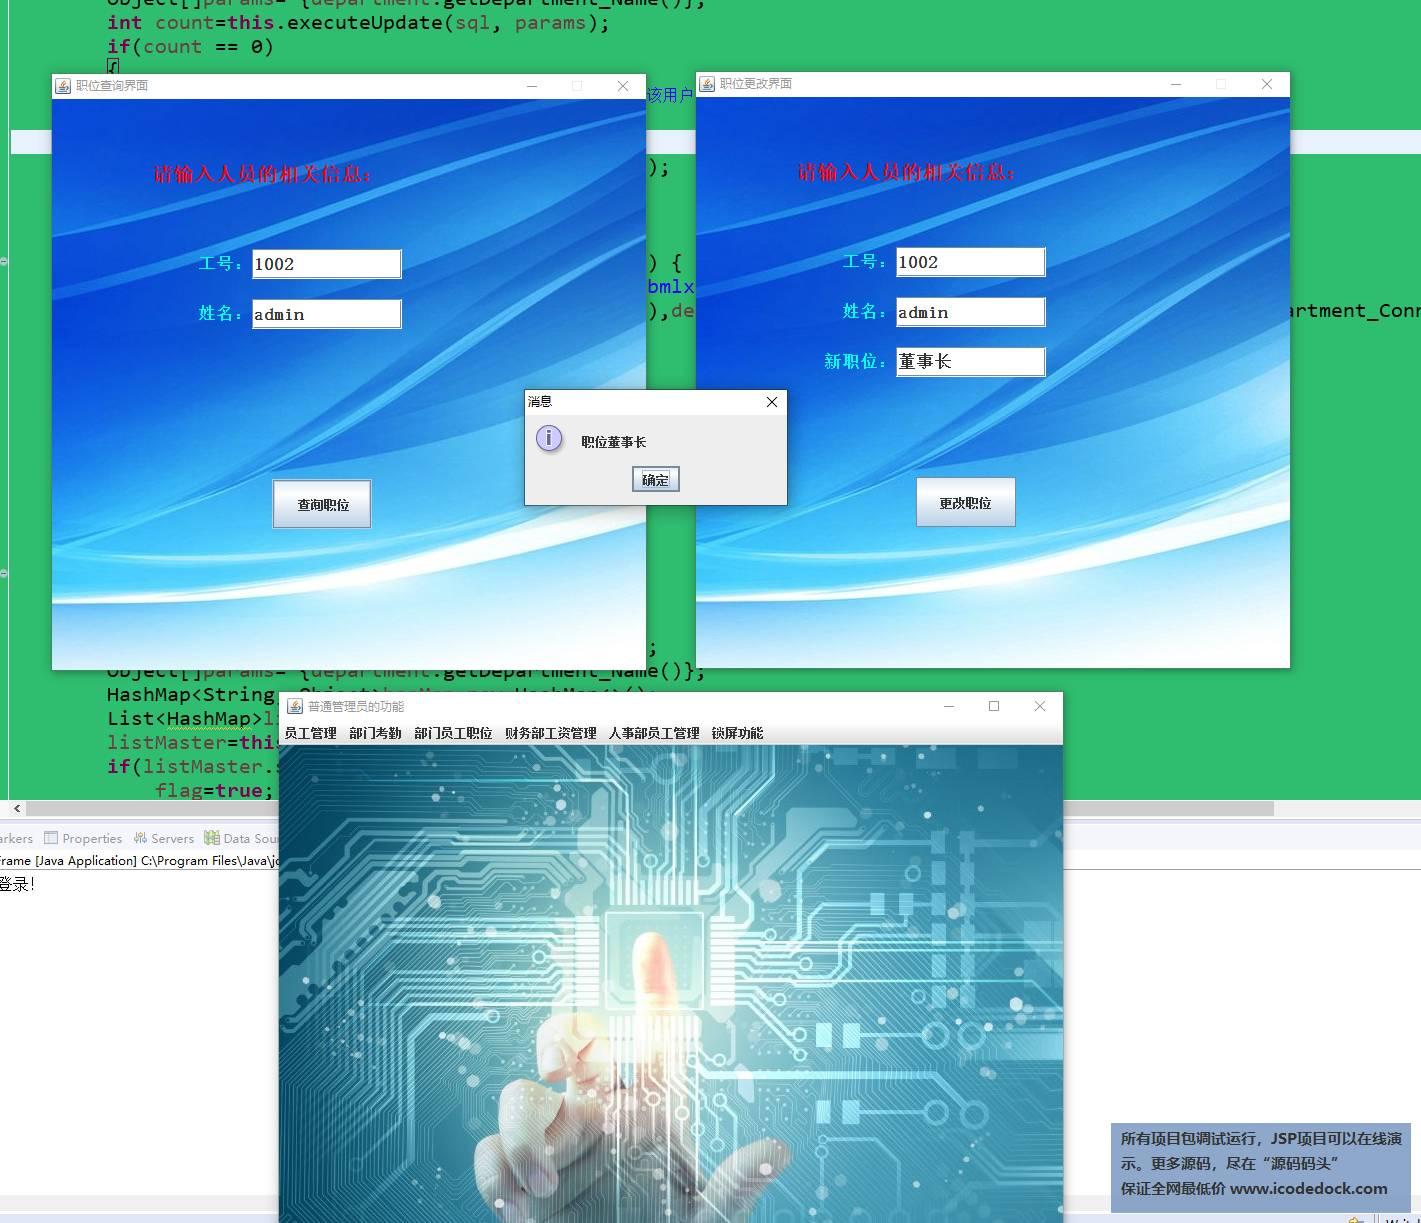 源码码头-企业人事管理系统-管理员角色-员工职位管理